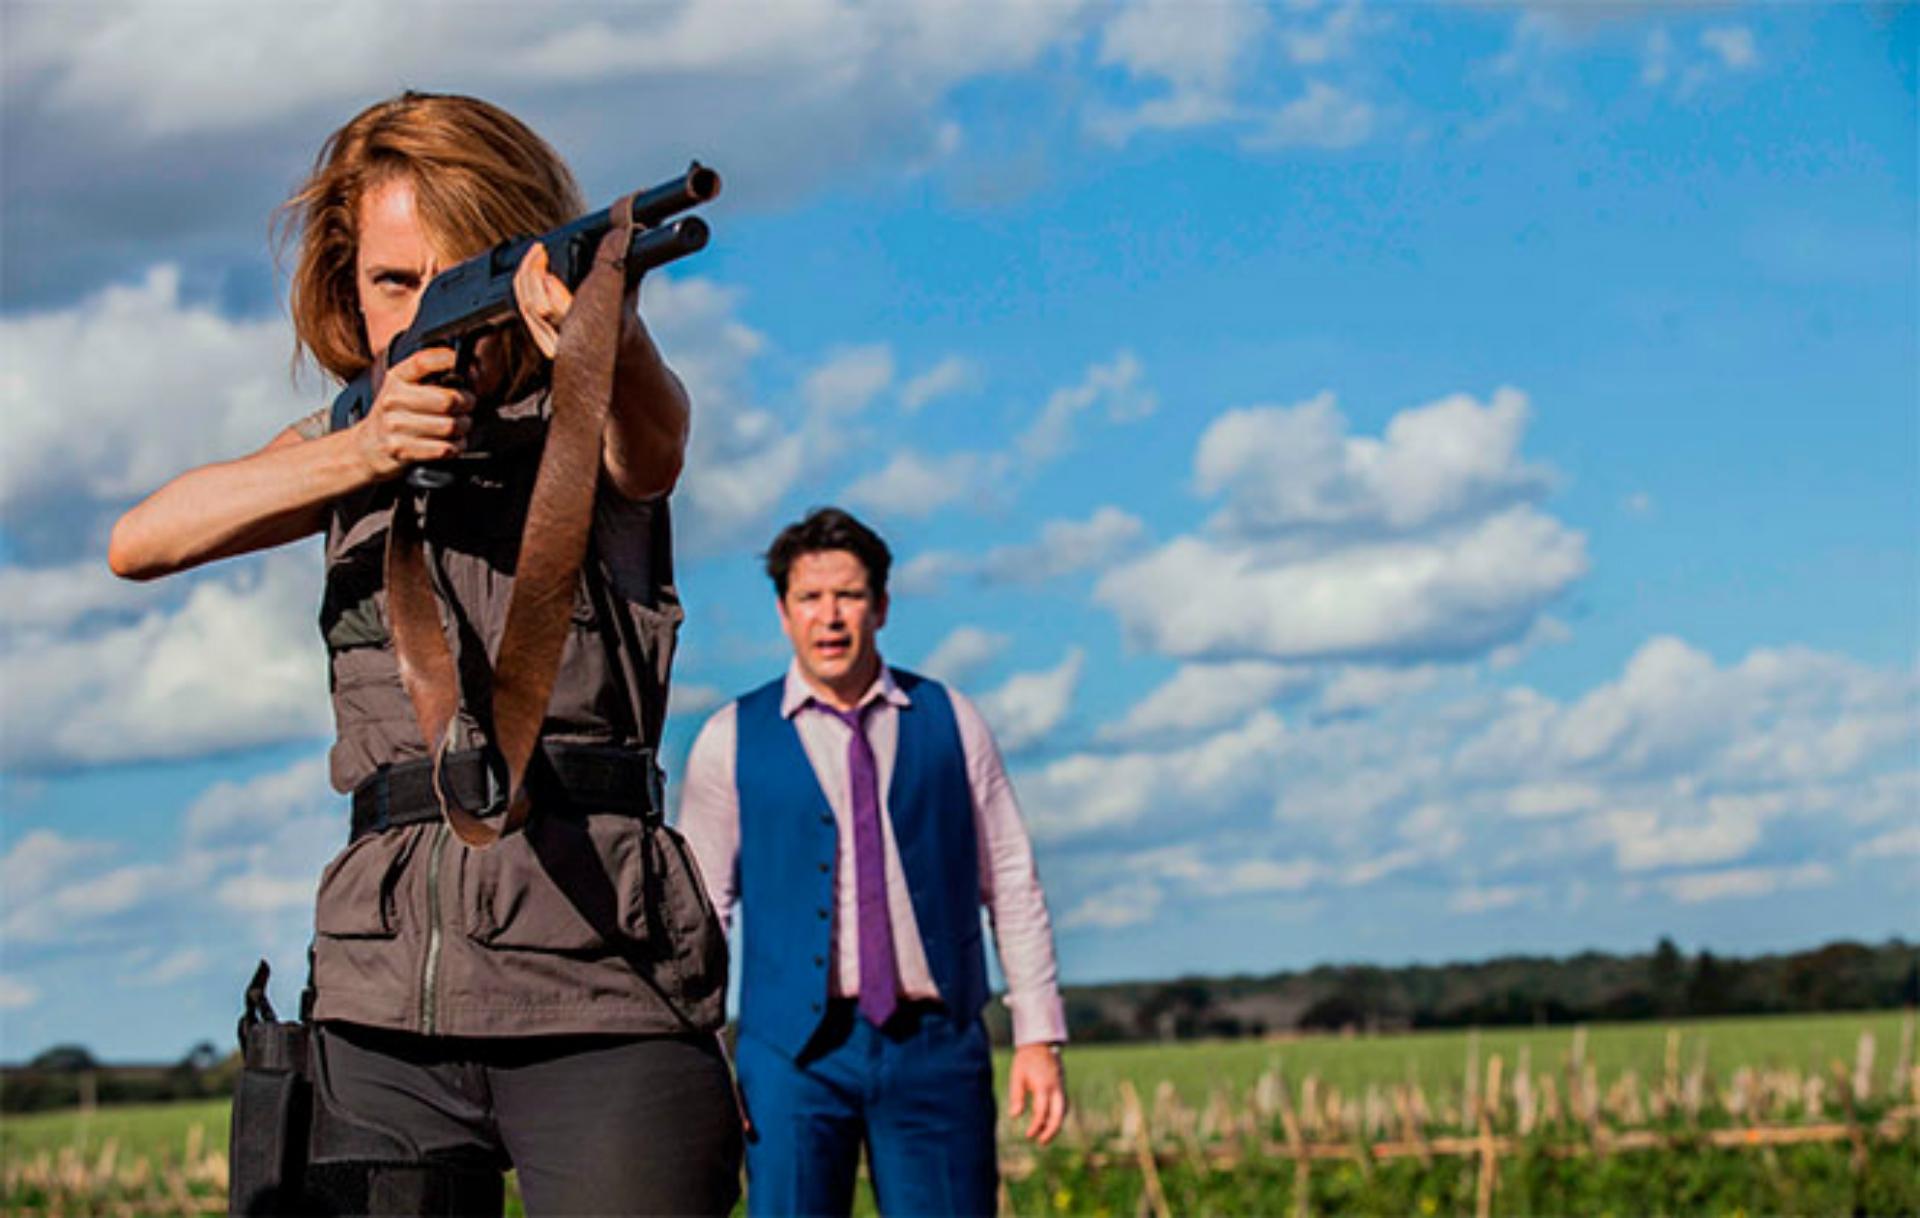 Imagem divulgação Divórcio mostra Camila Morgado apontando uma arma para o canto da tela enquanto Murilo Benício aparece assustado atrás dela.